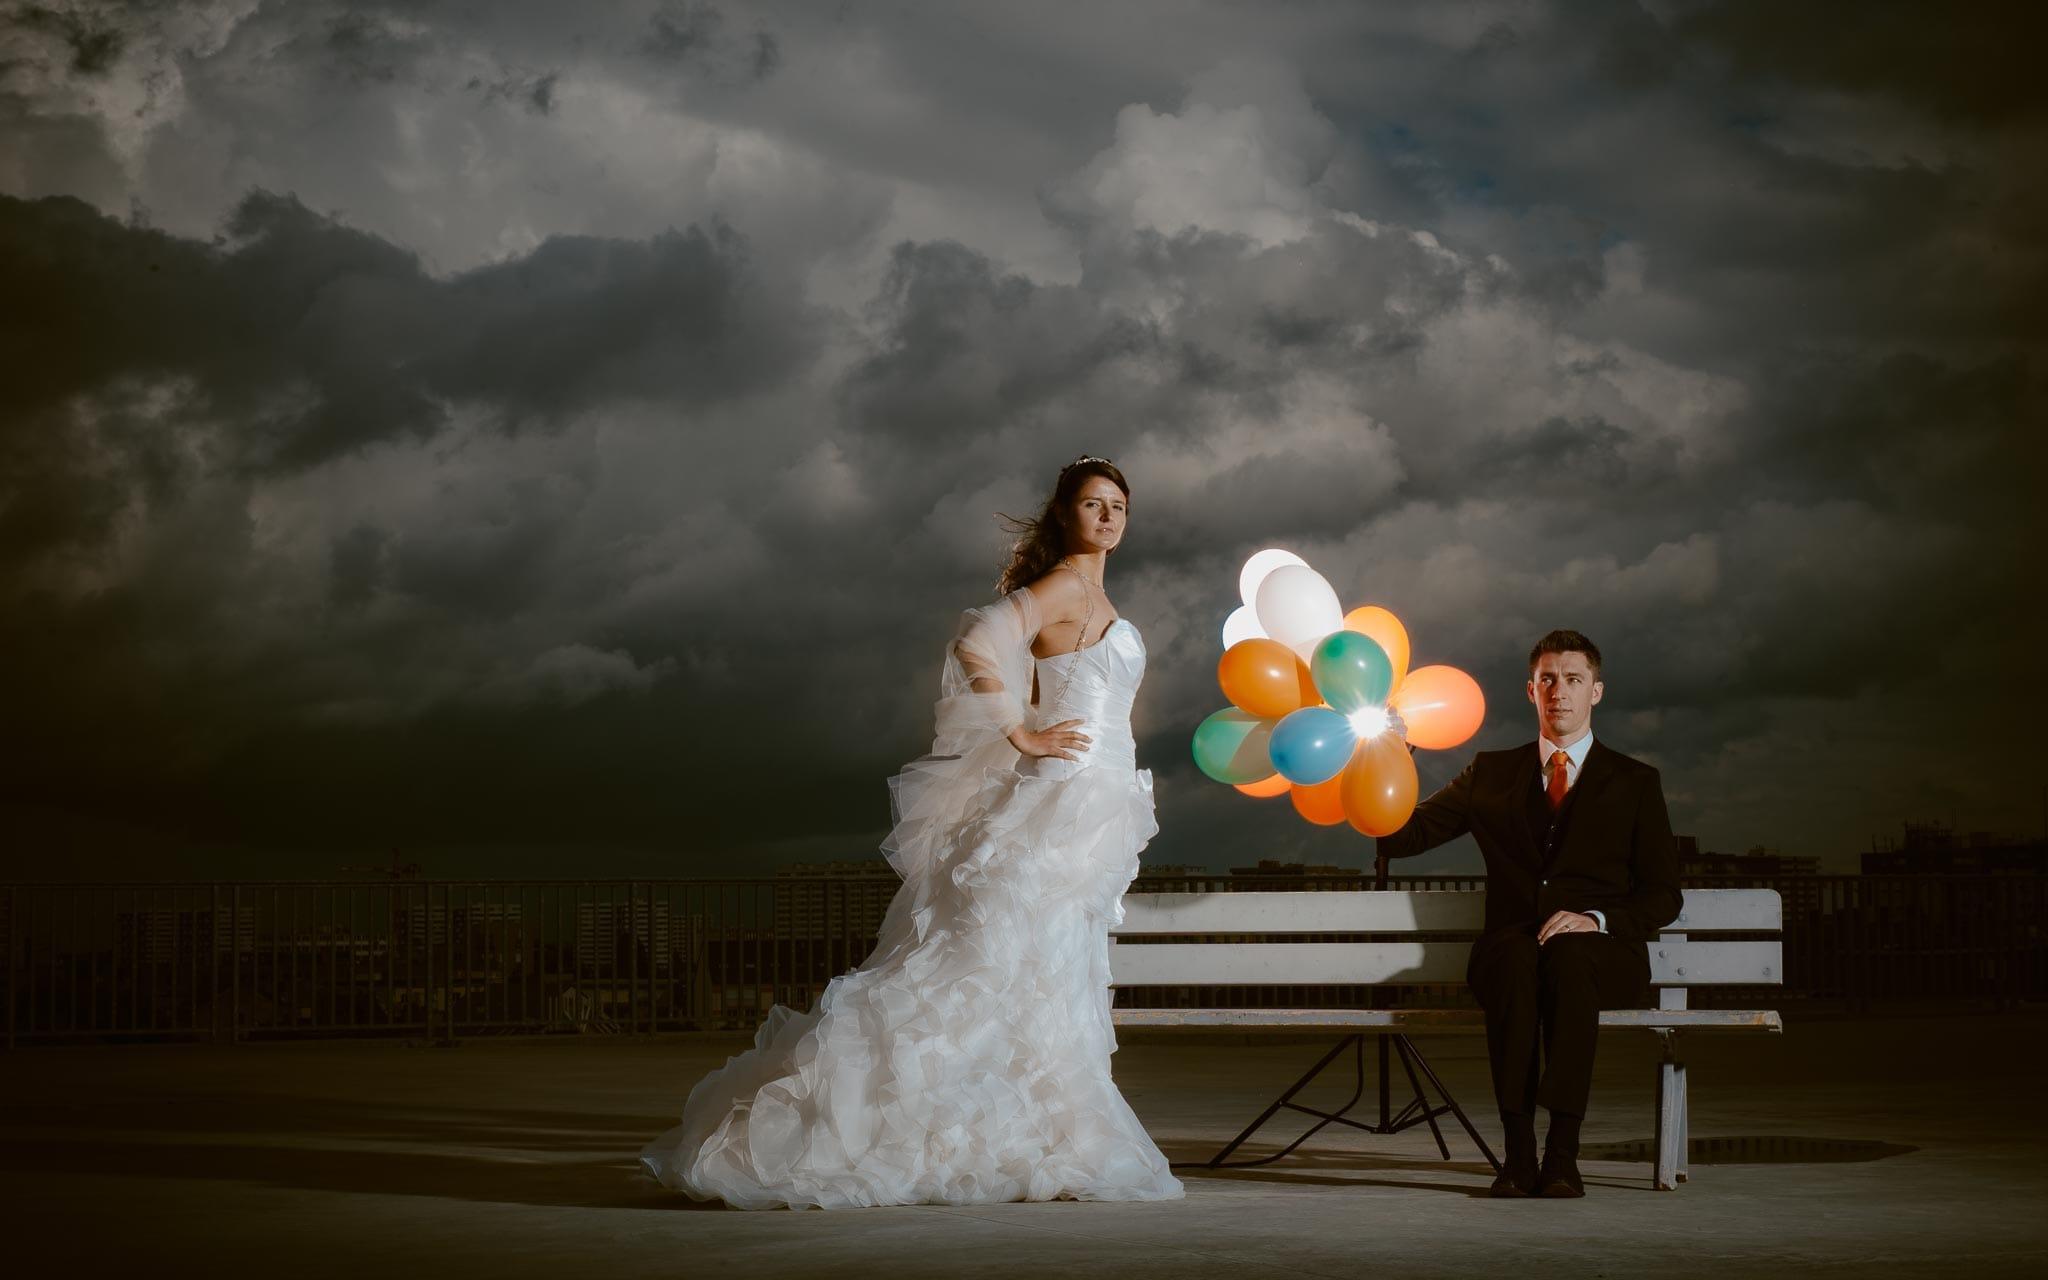 Séance couple après mariage graphique & poétique dans une ambiance industrielle près de Nantes par Geoffrey Arnoldy photographe